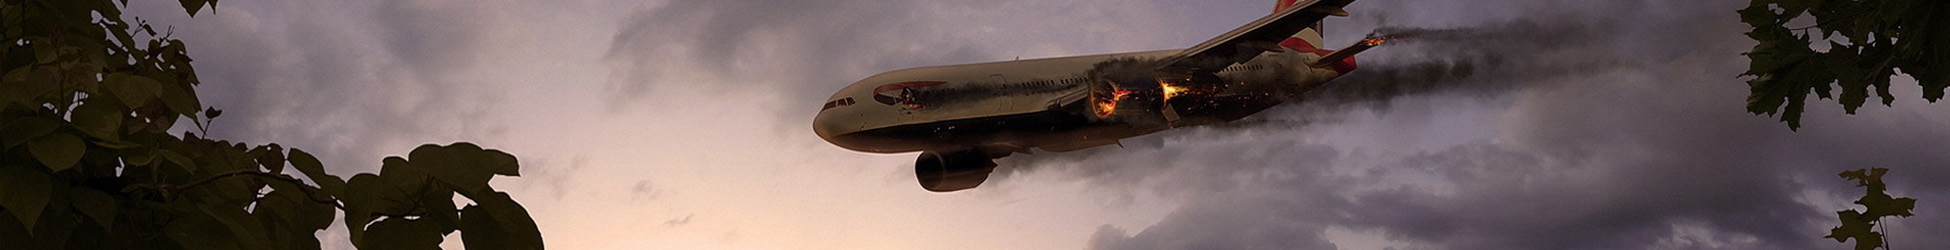 Risque Majeur - Crash avion